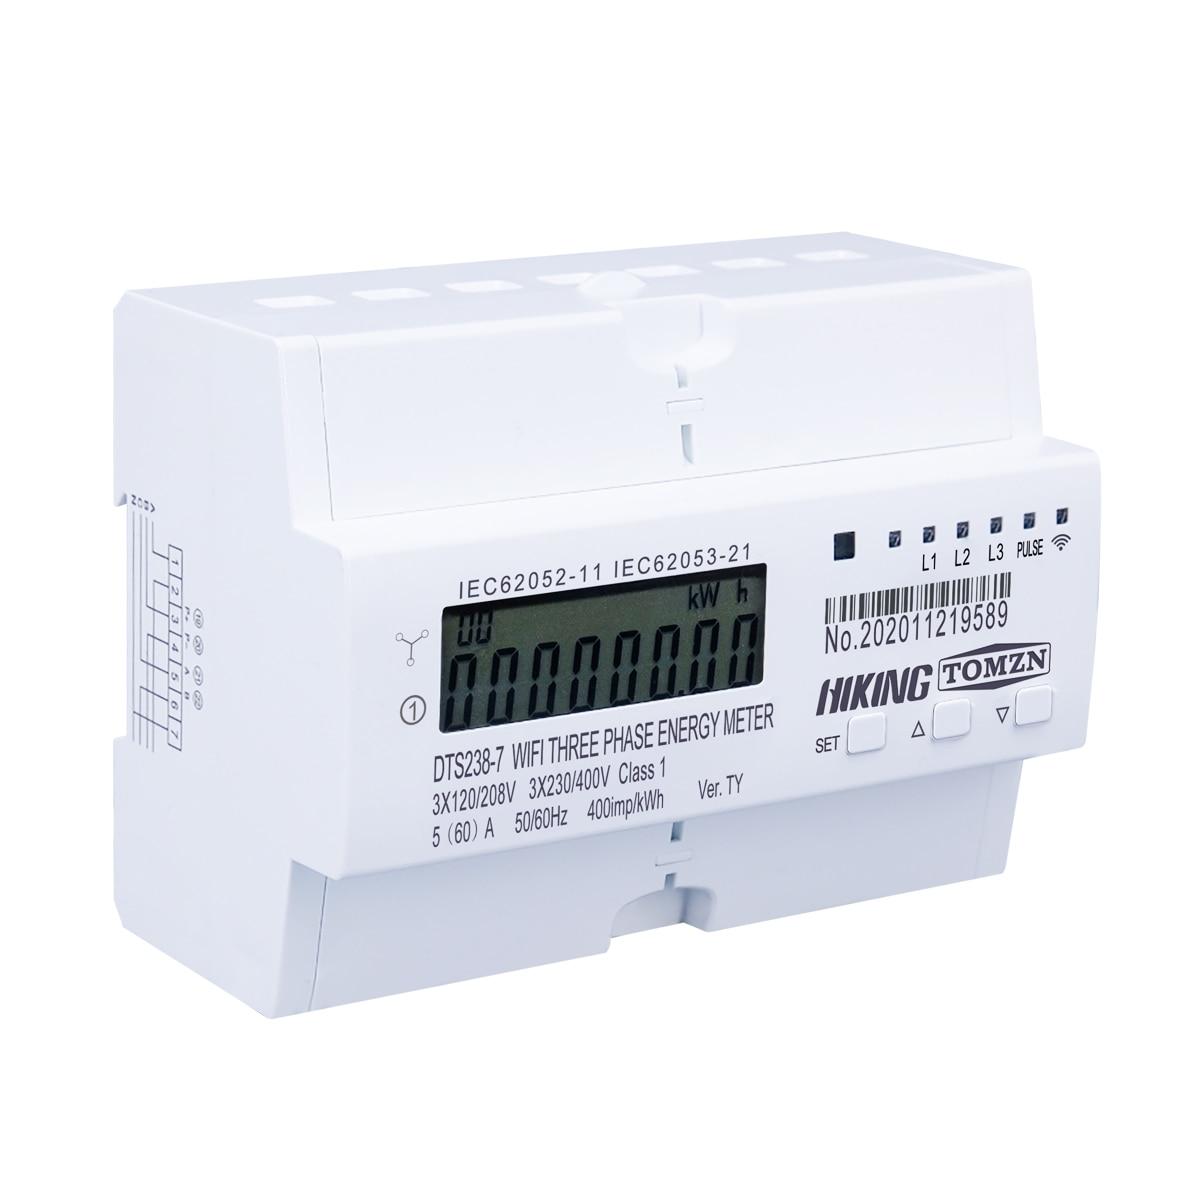 Tuya 3 Phase Din Rail Wifi Smart Energy Meter Timer Power Consumption Monitor Kwh Meter Wattmeter 3 120v 3 220v 3 230v 50 60hz Energy Meters Aliexpress